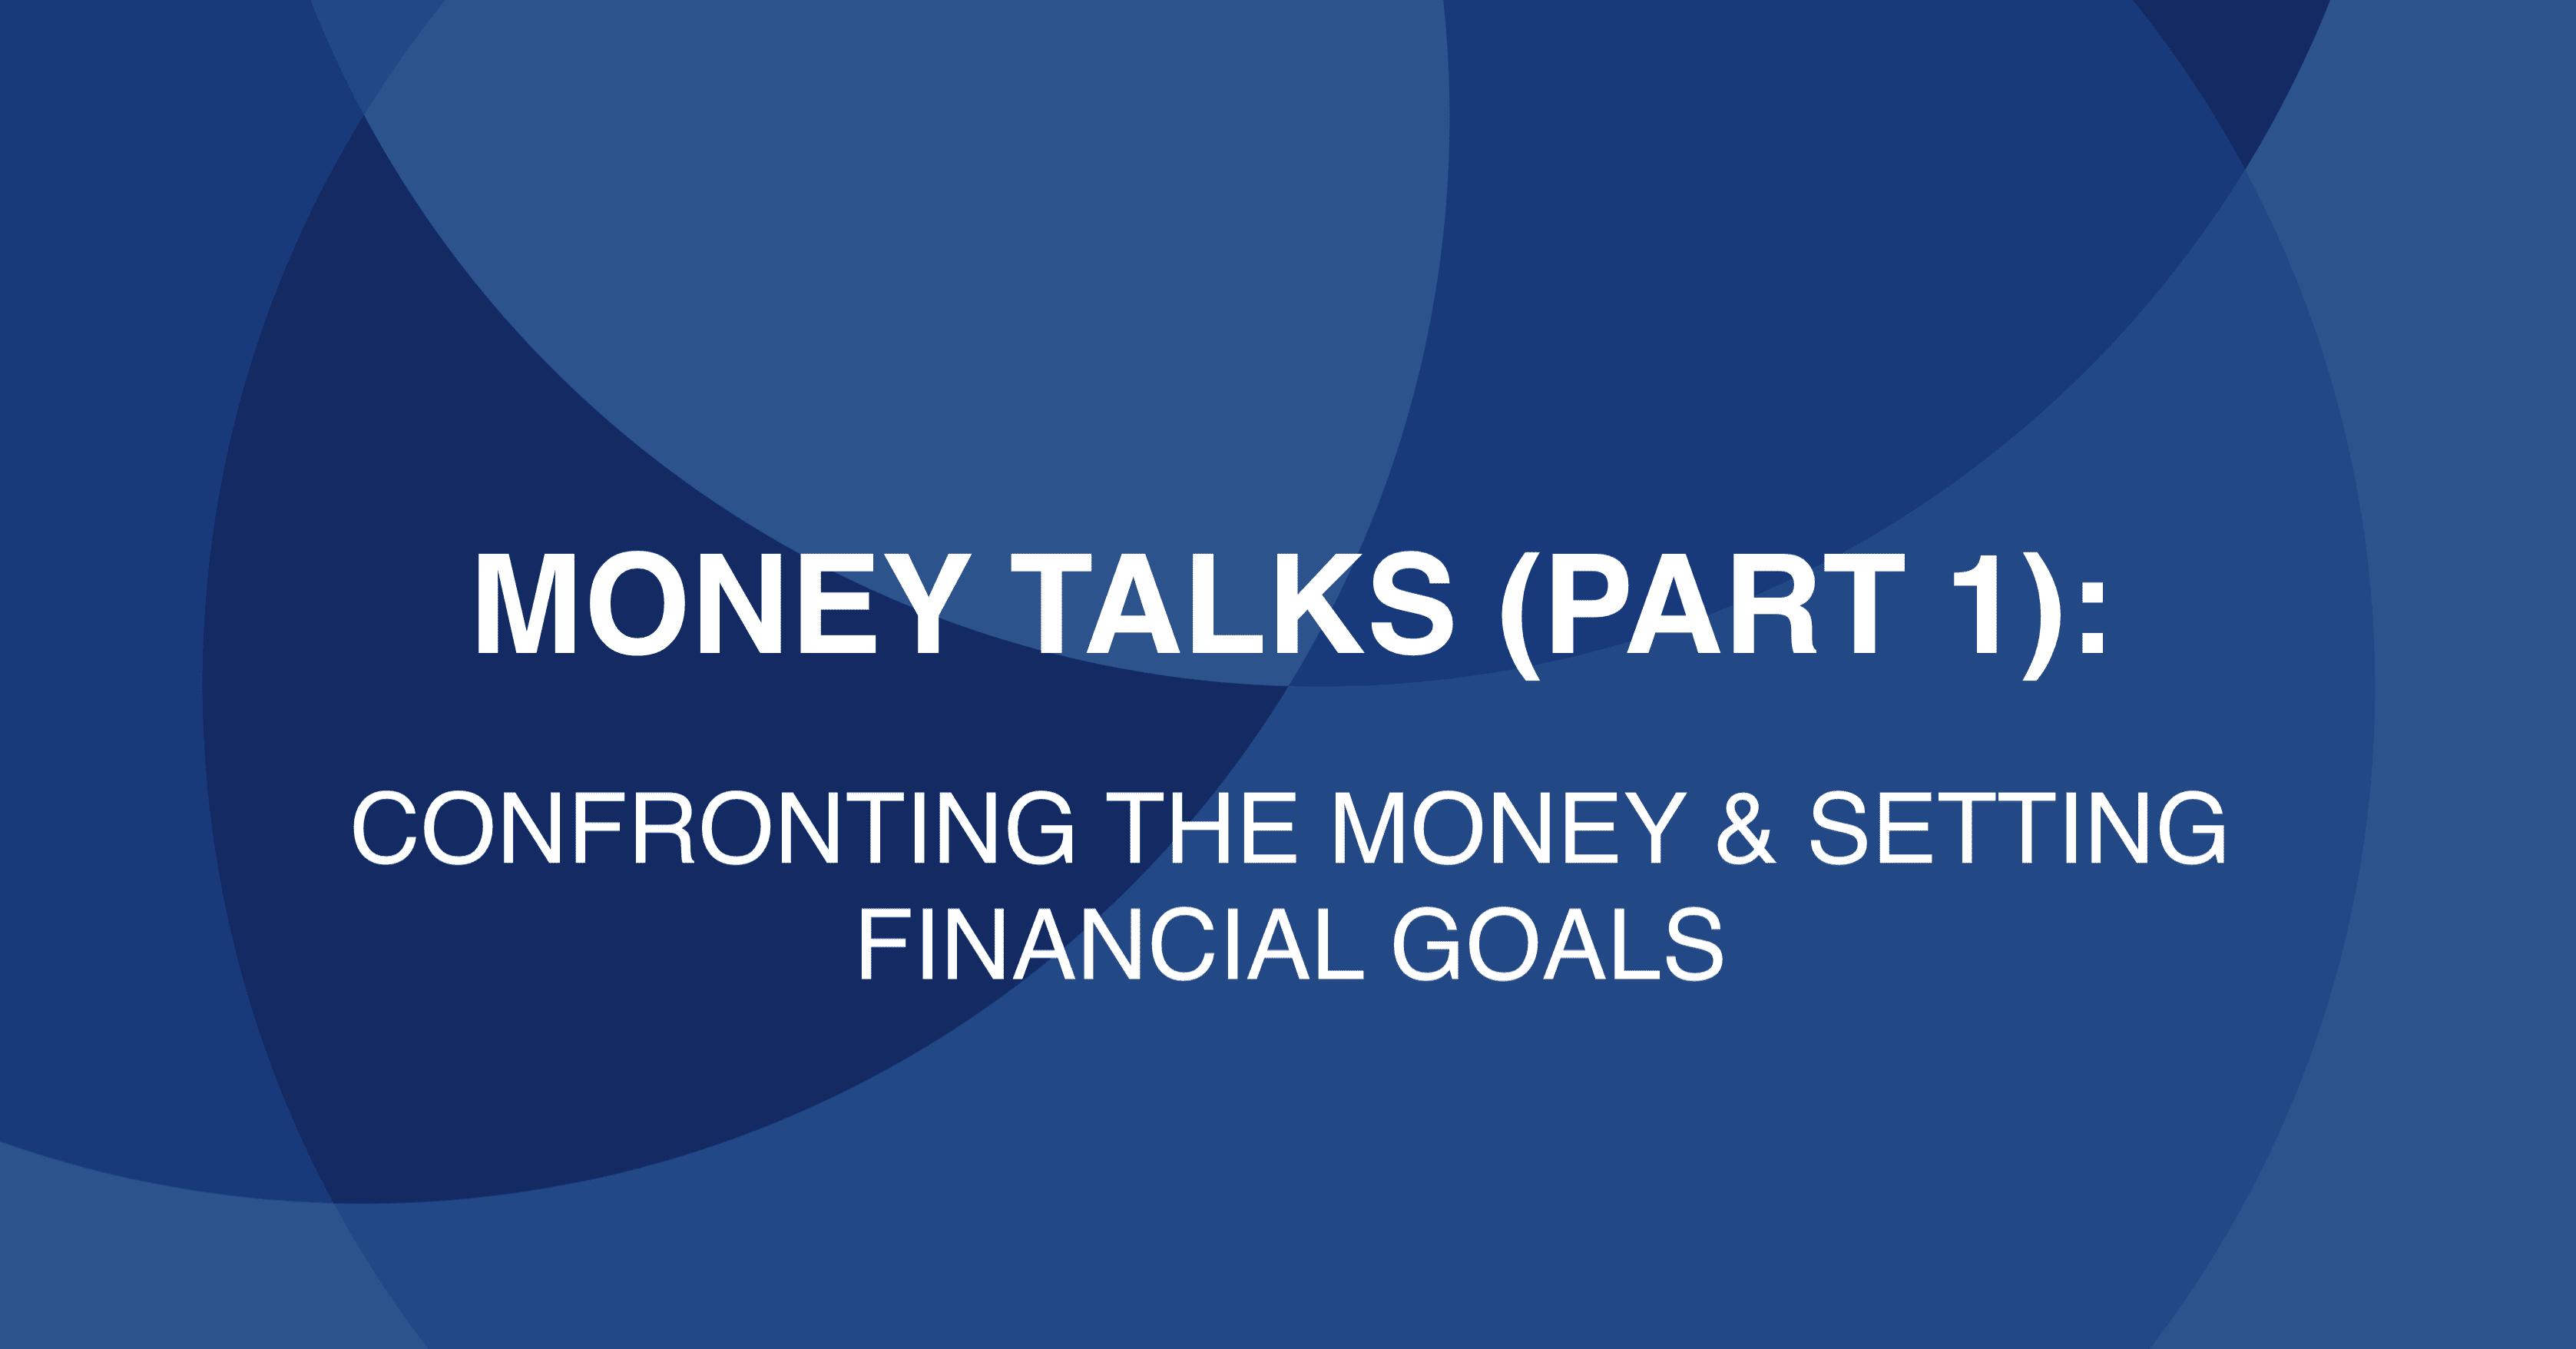 Money Talks (Part 1)